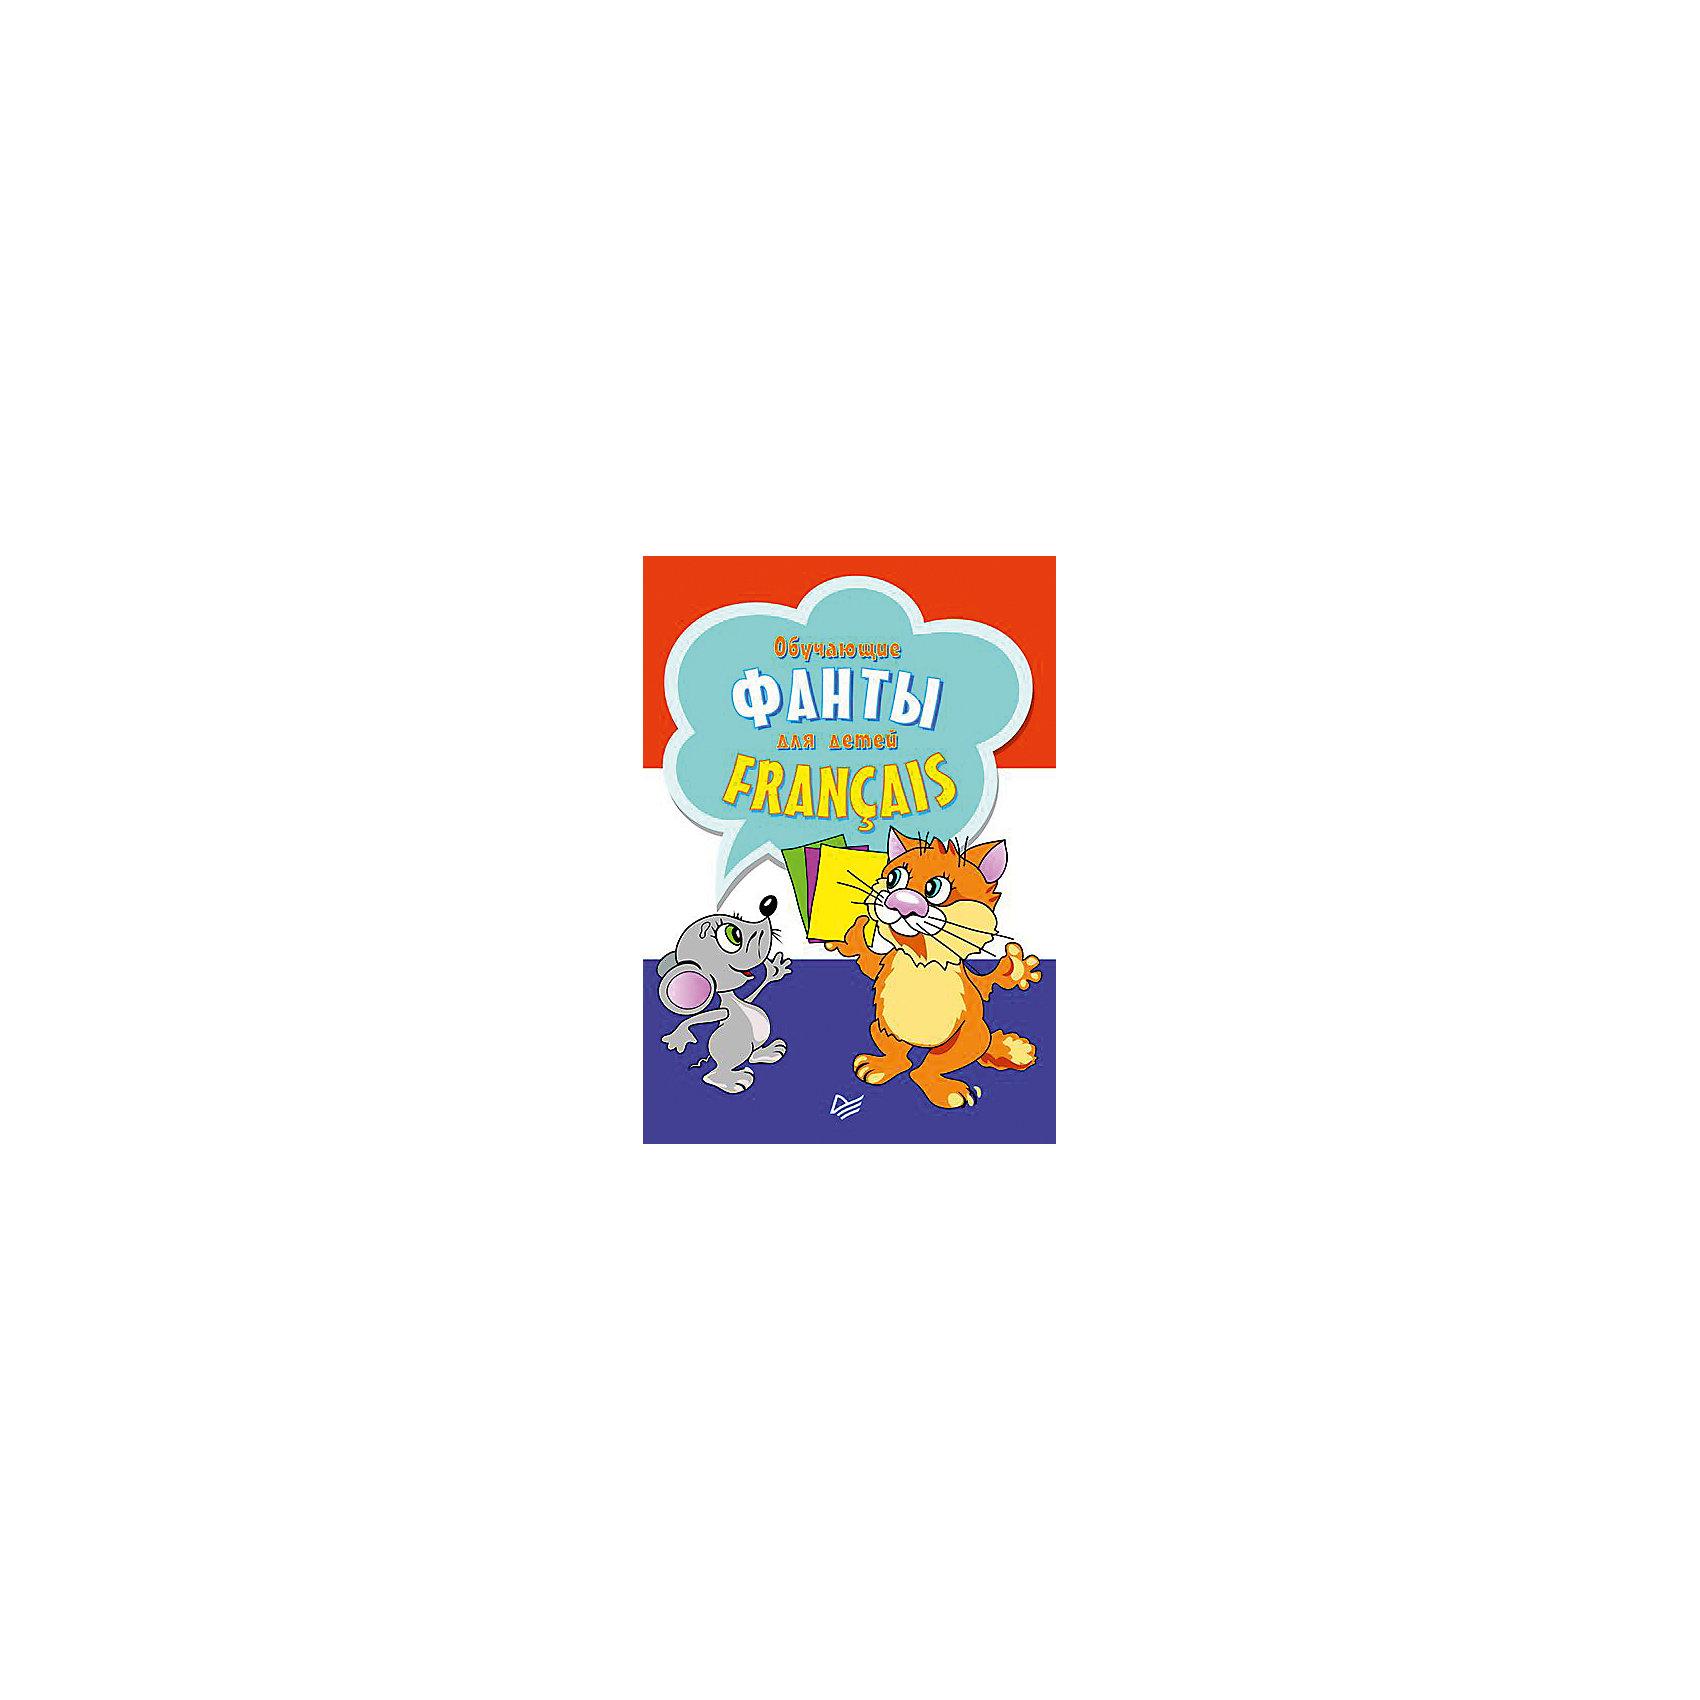 Обучающие фанты для детей Французский язык, 29 карточекОбучающие карточки<br>Зачастую, родители делают выбор в пользу одновременного изучения родного языка и иностранного. В связи с этим появляются проблемы потери интереса ребенка к языку. Привлечь внимание ребенка к расширению словаря поможет новый набор «Обучающие фанты для детей Французский язык, 29 карточек», который в легкой игровой форме научит новым словам и словосочетаниям, как ребенка, так и его родителей. Правила игры совершенно просты: участники по очереди вытягивают карточку и выполняют написанное задание. <br>Практически все задания снабжены переводом на русский язык. Набор развивает внимание, любознательность и повышает навыки изучения иностранного языка.<br><br>Дополнительная информация:<br><br>комплектация: 29 карточек;<br>возраст: от 6 лет;<br>формат: 60x88/32.<br><br>Набор  Обучающие фанты для детей Французский язык, 29 карточек можно купить в нашем магазине.<br><br>Ширина мм: 140<br>Глубина мм: 110<br>Высота мм: 3<br>Вес г: 135<br>Возраст от месяцев: 72<br>Возраст до месяцев: 2147483647<br>Пол: Унисекс<br>Возраст: Детский<br>SKU: 4966270